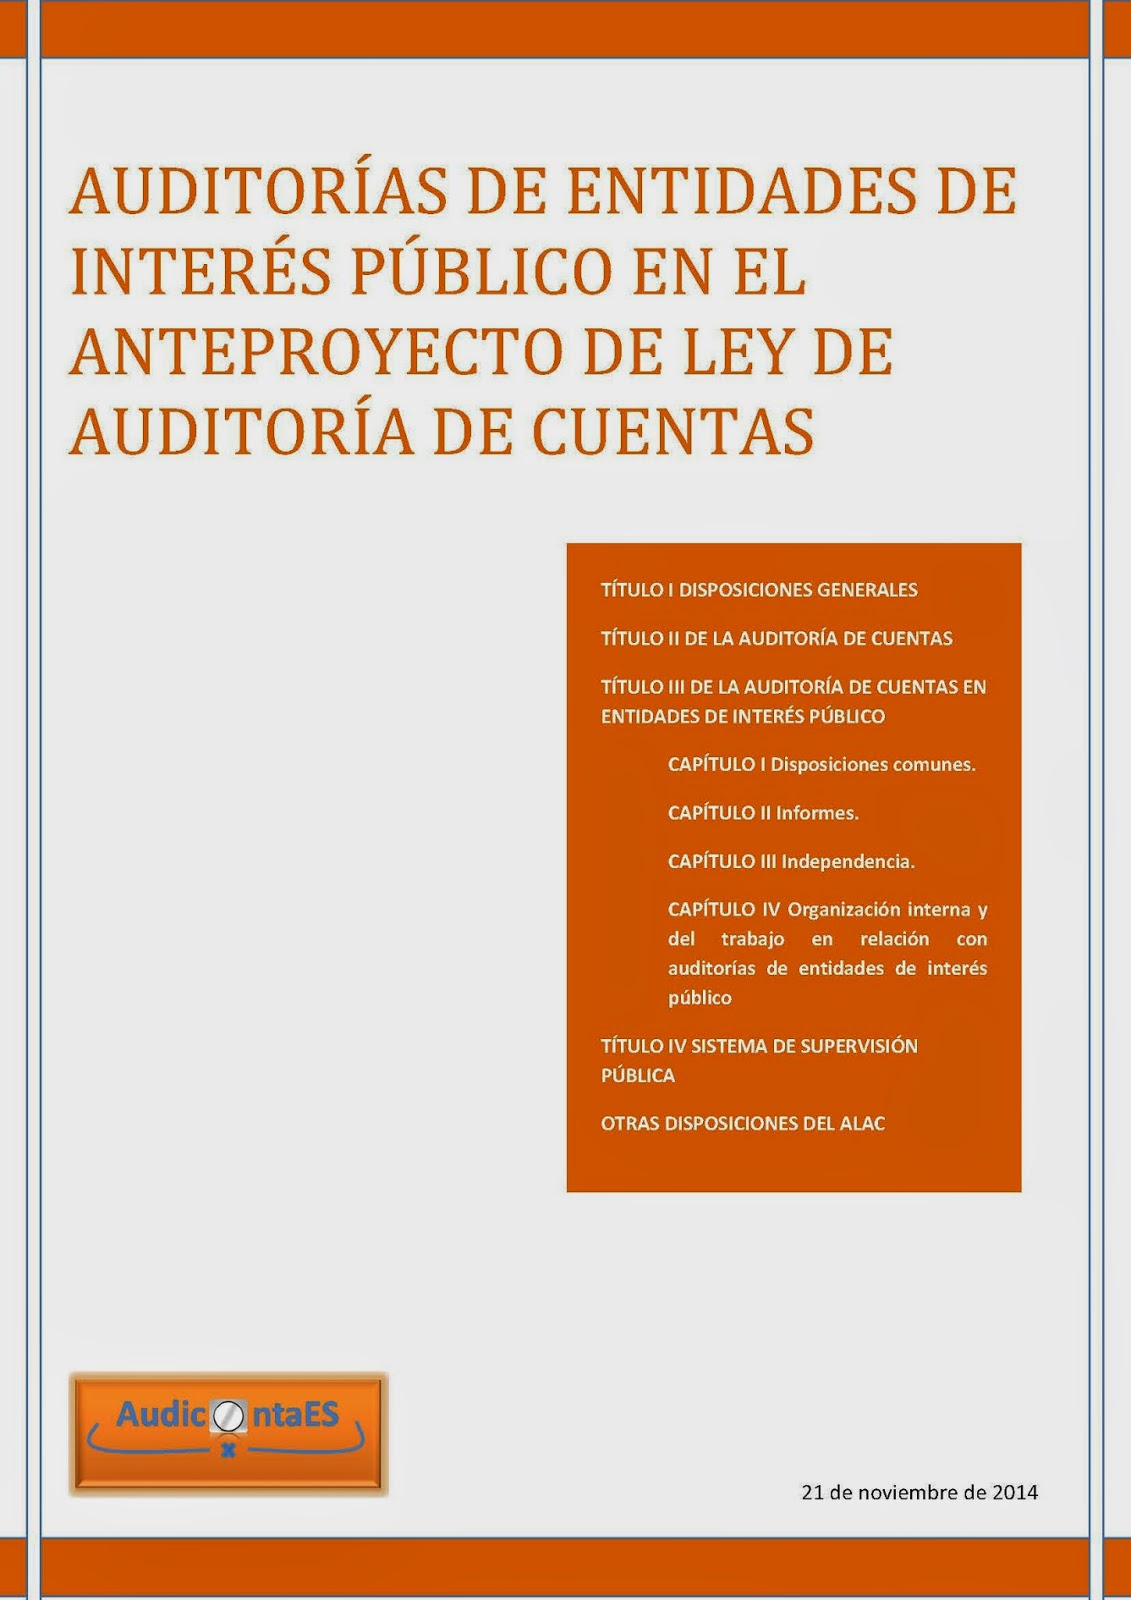 EIP Entidades de Interés Público nueva Ley de Auditoría de Cuentas